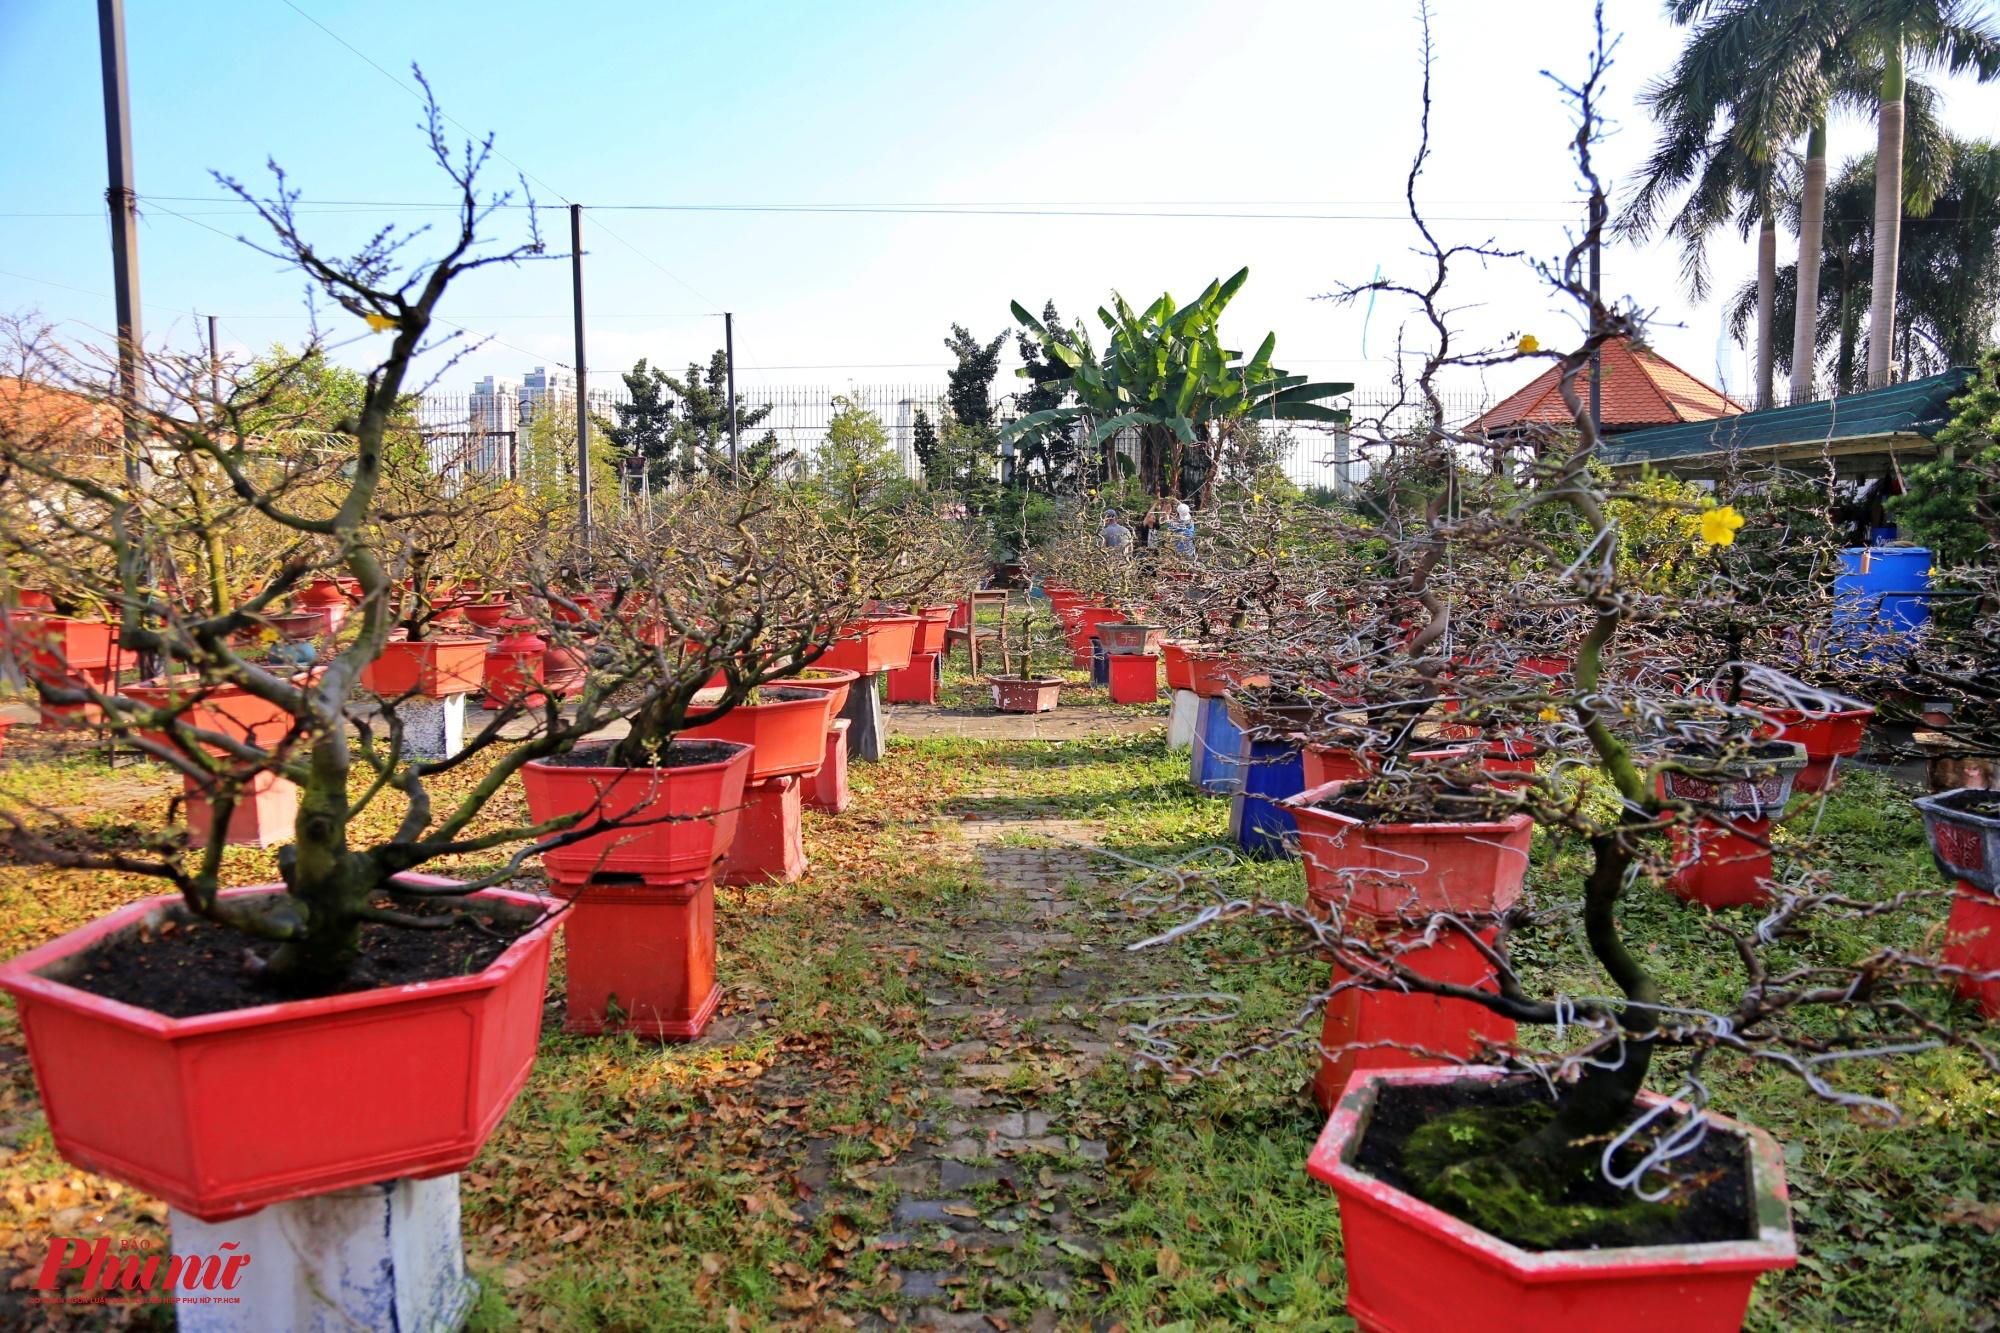 Anh Nguyễn Hồng Việt (chủ vườn mai ở Thủ Đức) cho biết, vườn mai của gia đình anh thuộc top những vườn mai khá độc đáo ở TPHCM. Dù chỉ với hơn 400 gốc mai nhưng cả năm gia đình phải tập trung chăm sóc khá vất vả và tốn nhiều công phu để tạo ra được những thế đẹp cho người dân chưng Tết.